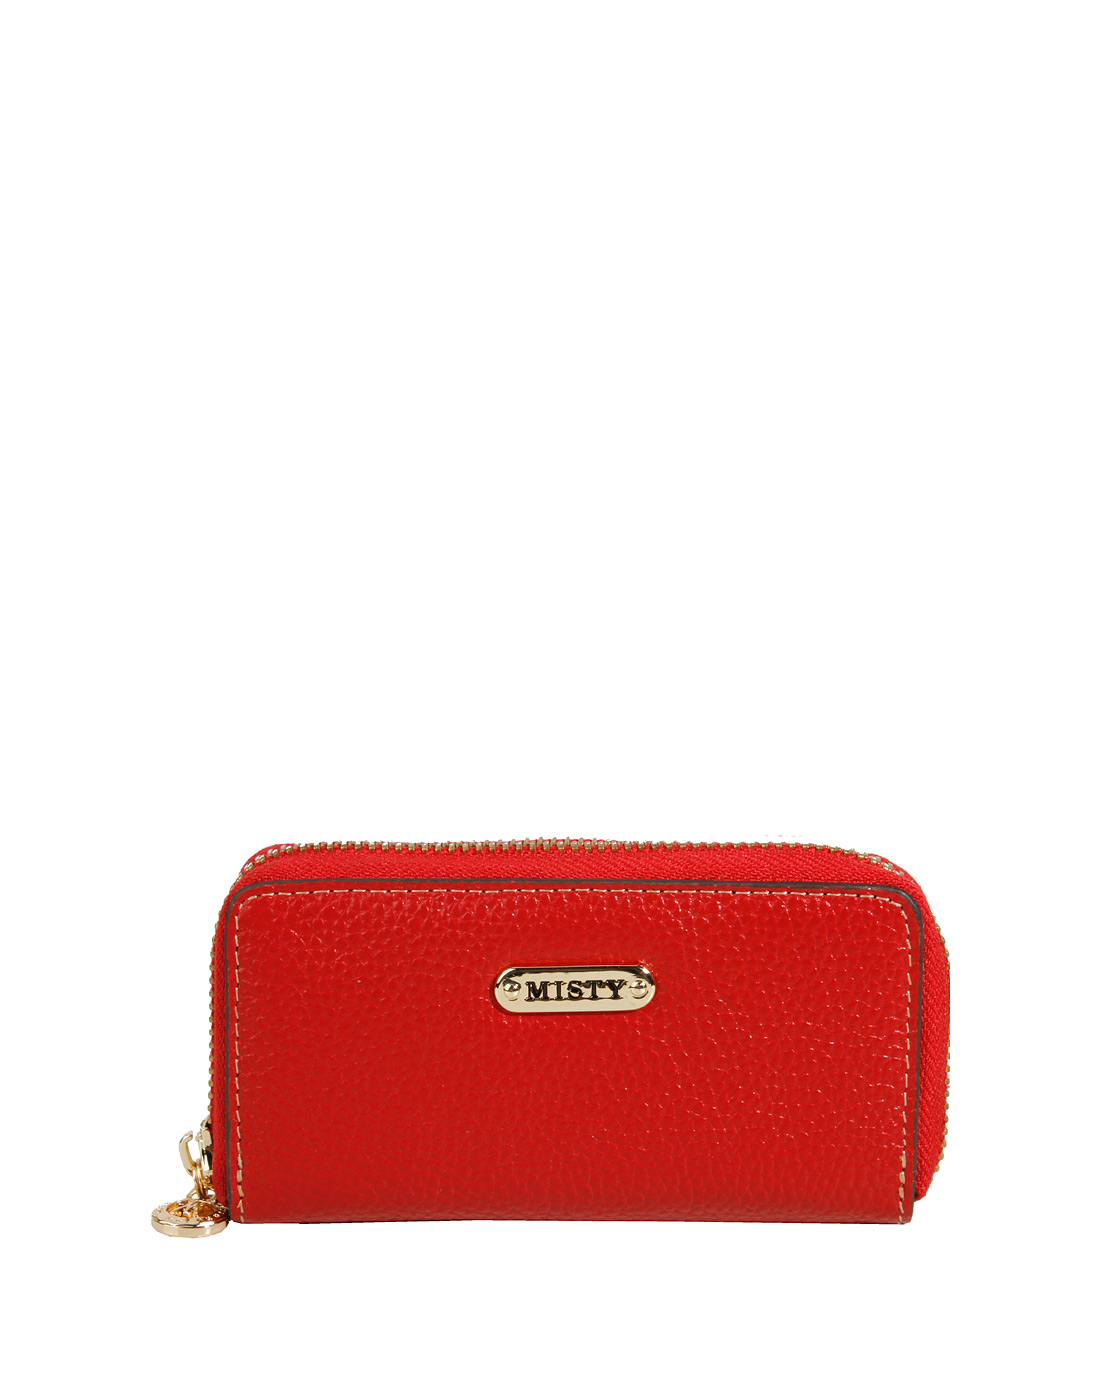 米堤misty女款红色钥匙包mta286a-a007-红色